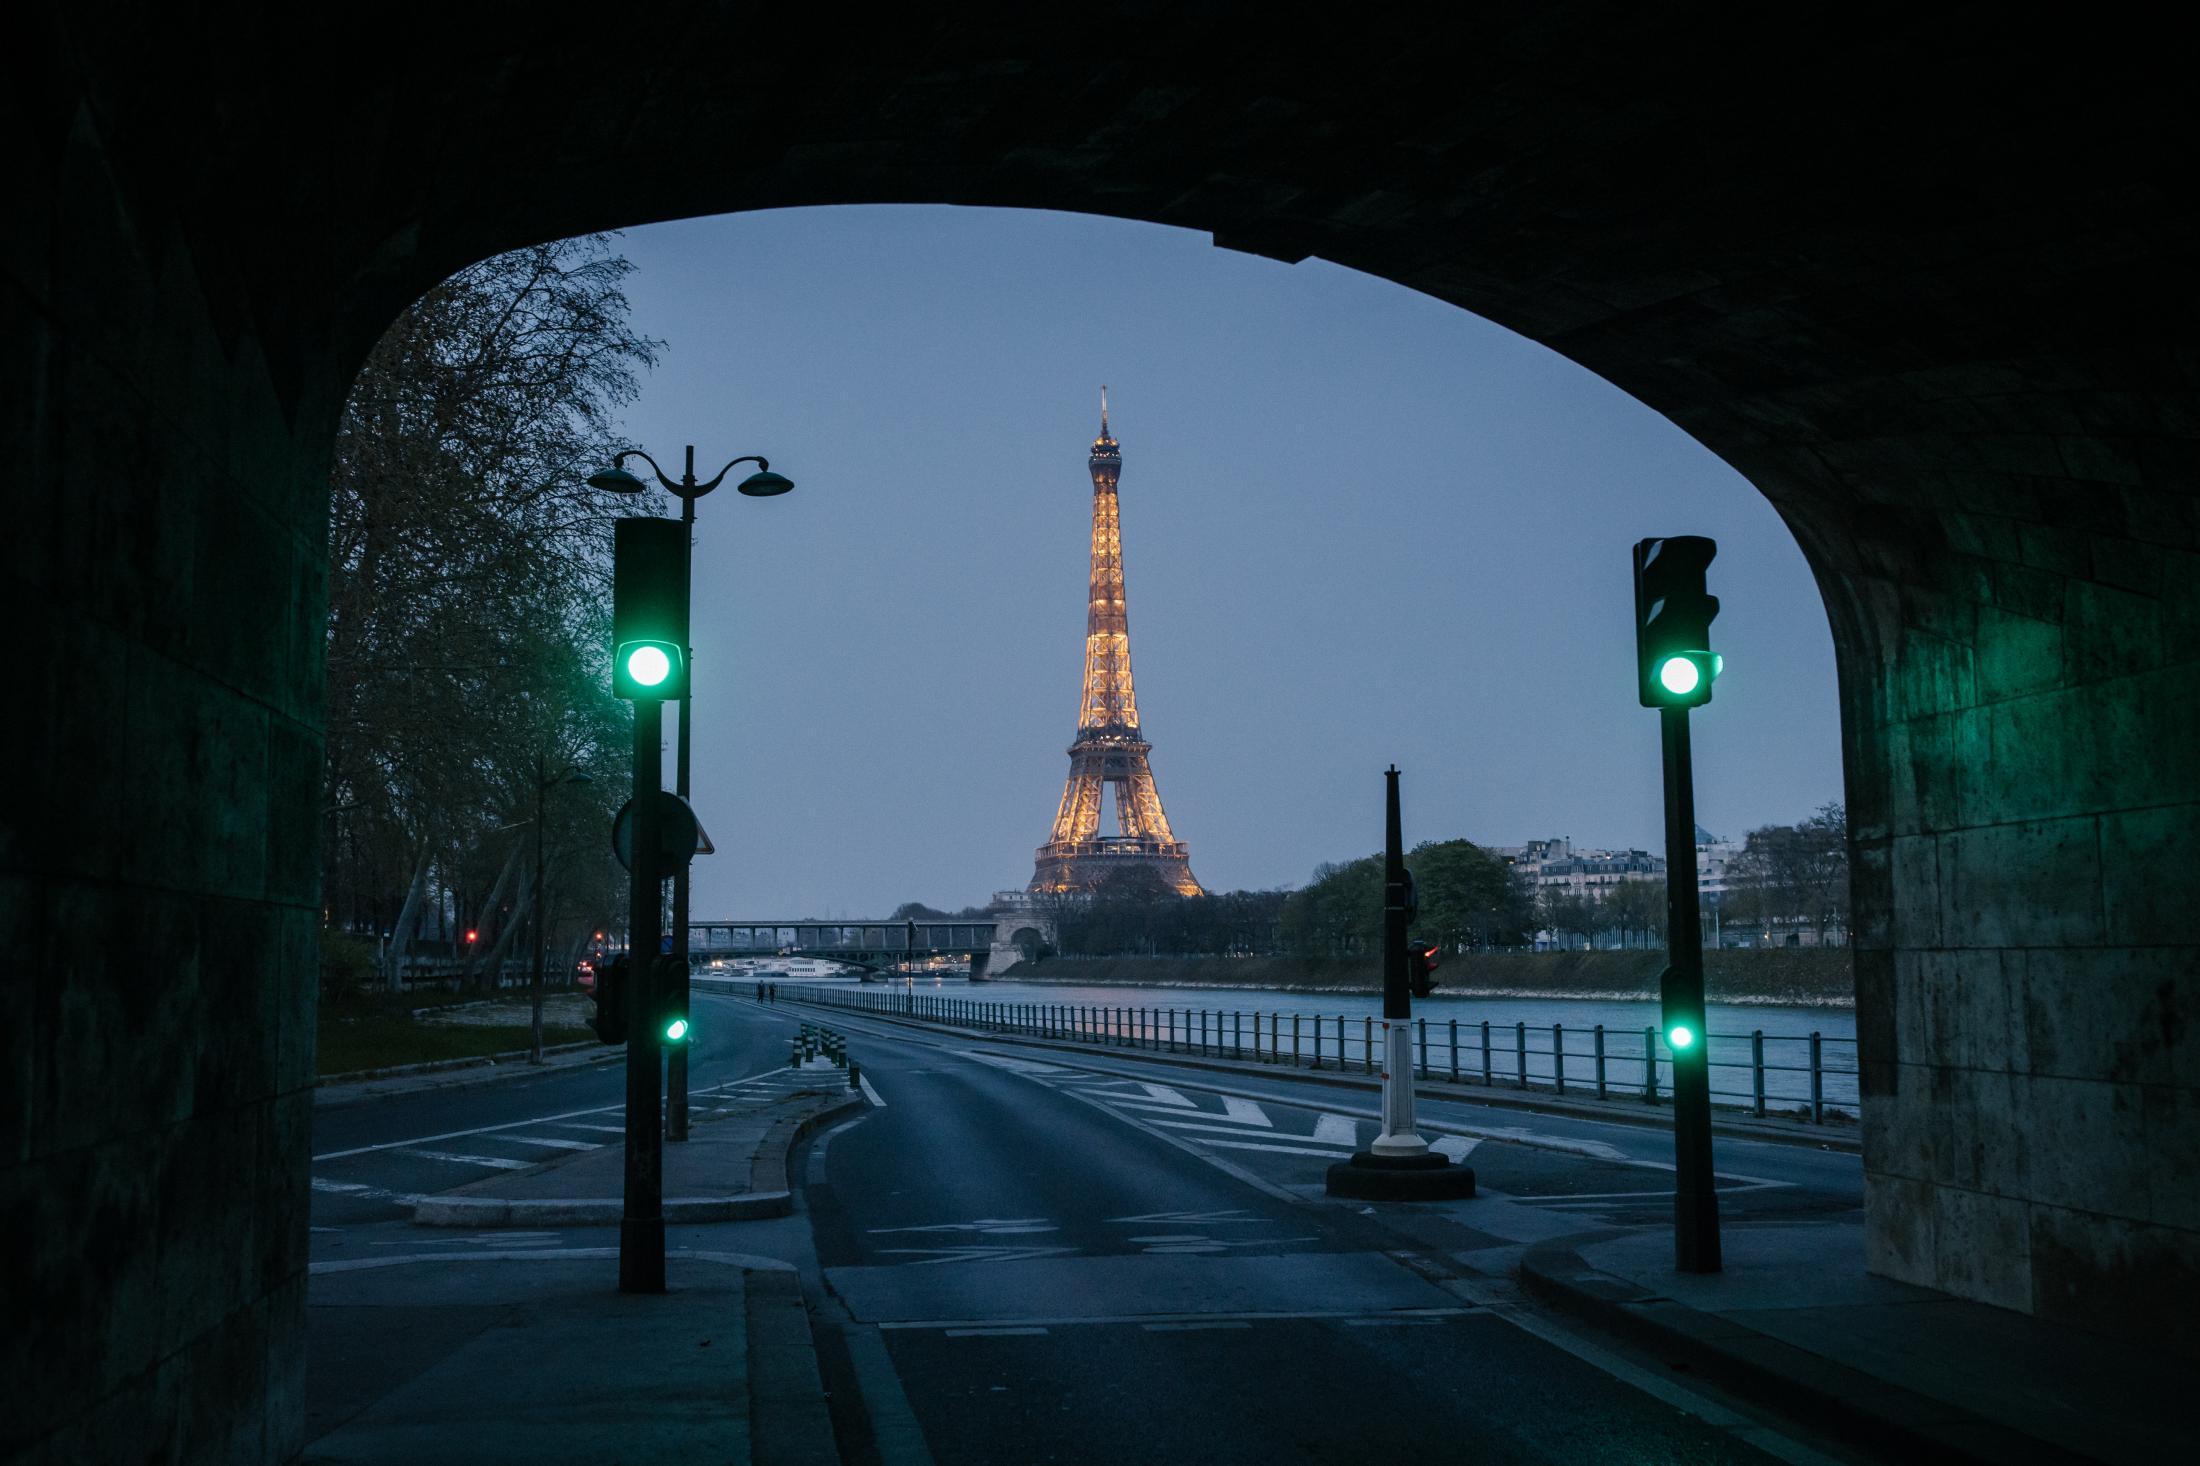 Paris le 28 mars 2020. La ville est confinée depuis 11 jours à cause du virus COVID_19. Les avenues d'habitude embouteillées sont presque totalement vide. Ici sur les quais du 16eme arrondissement de Paris.